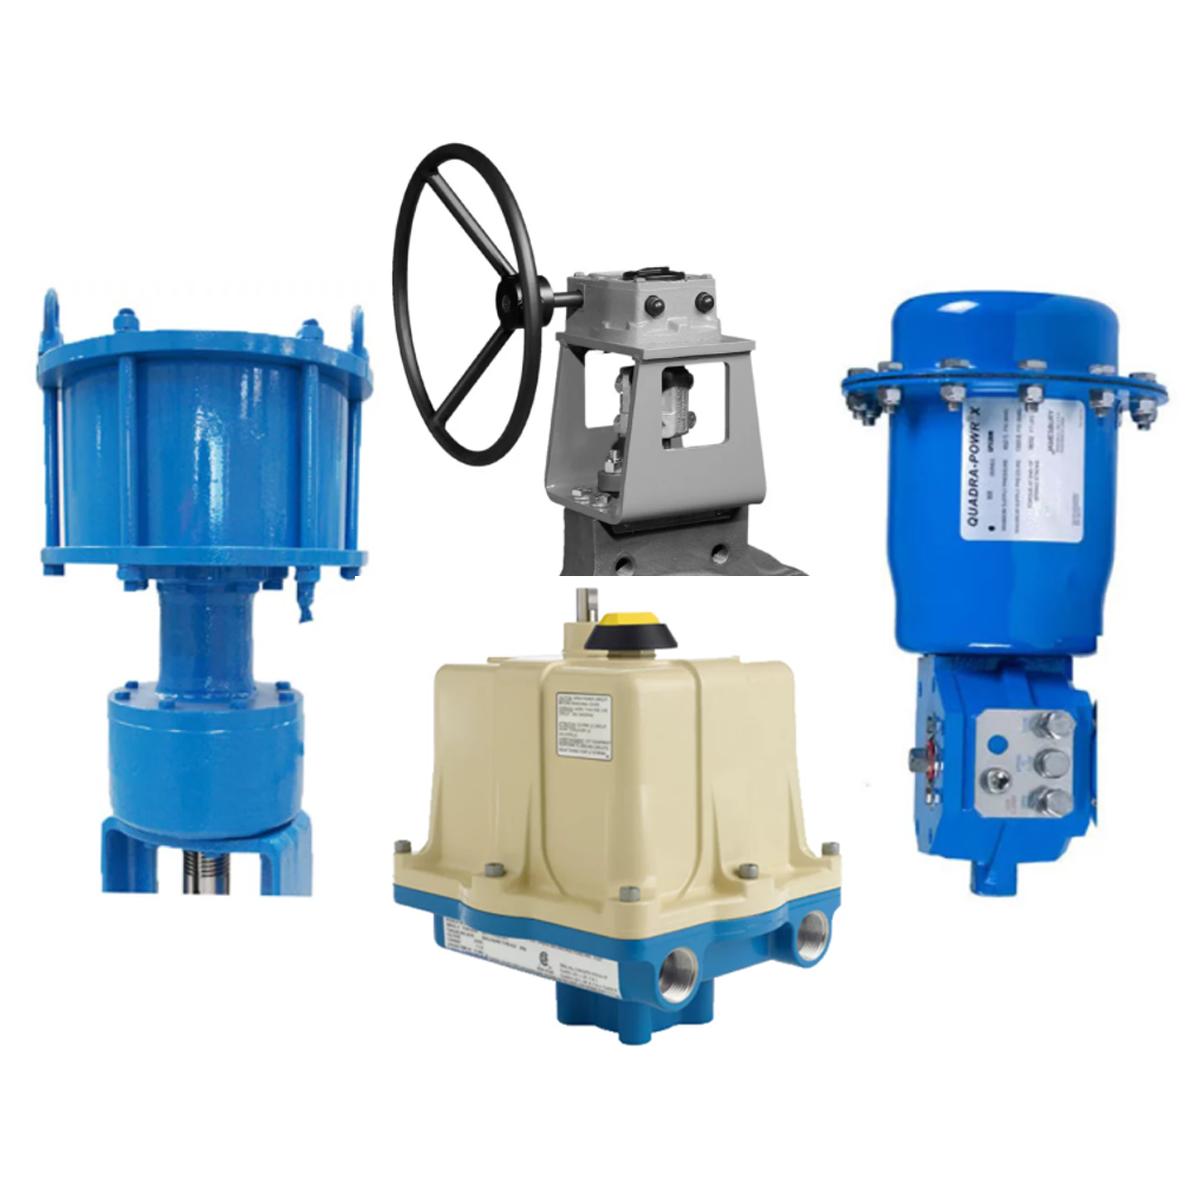 collage of valve actuators